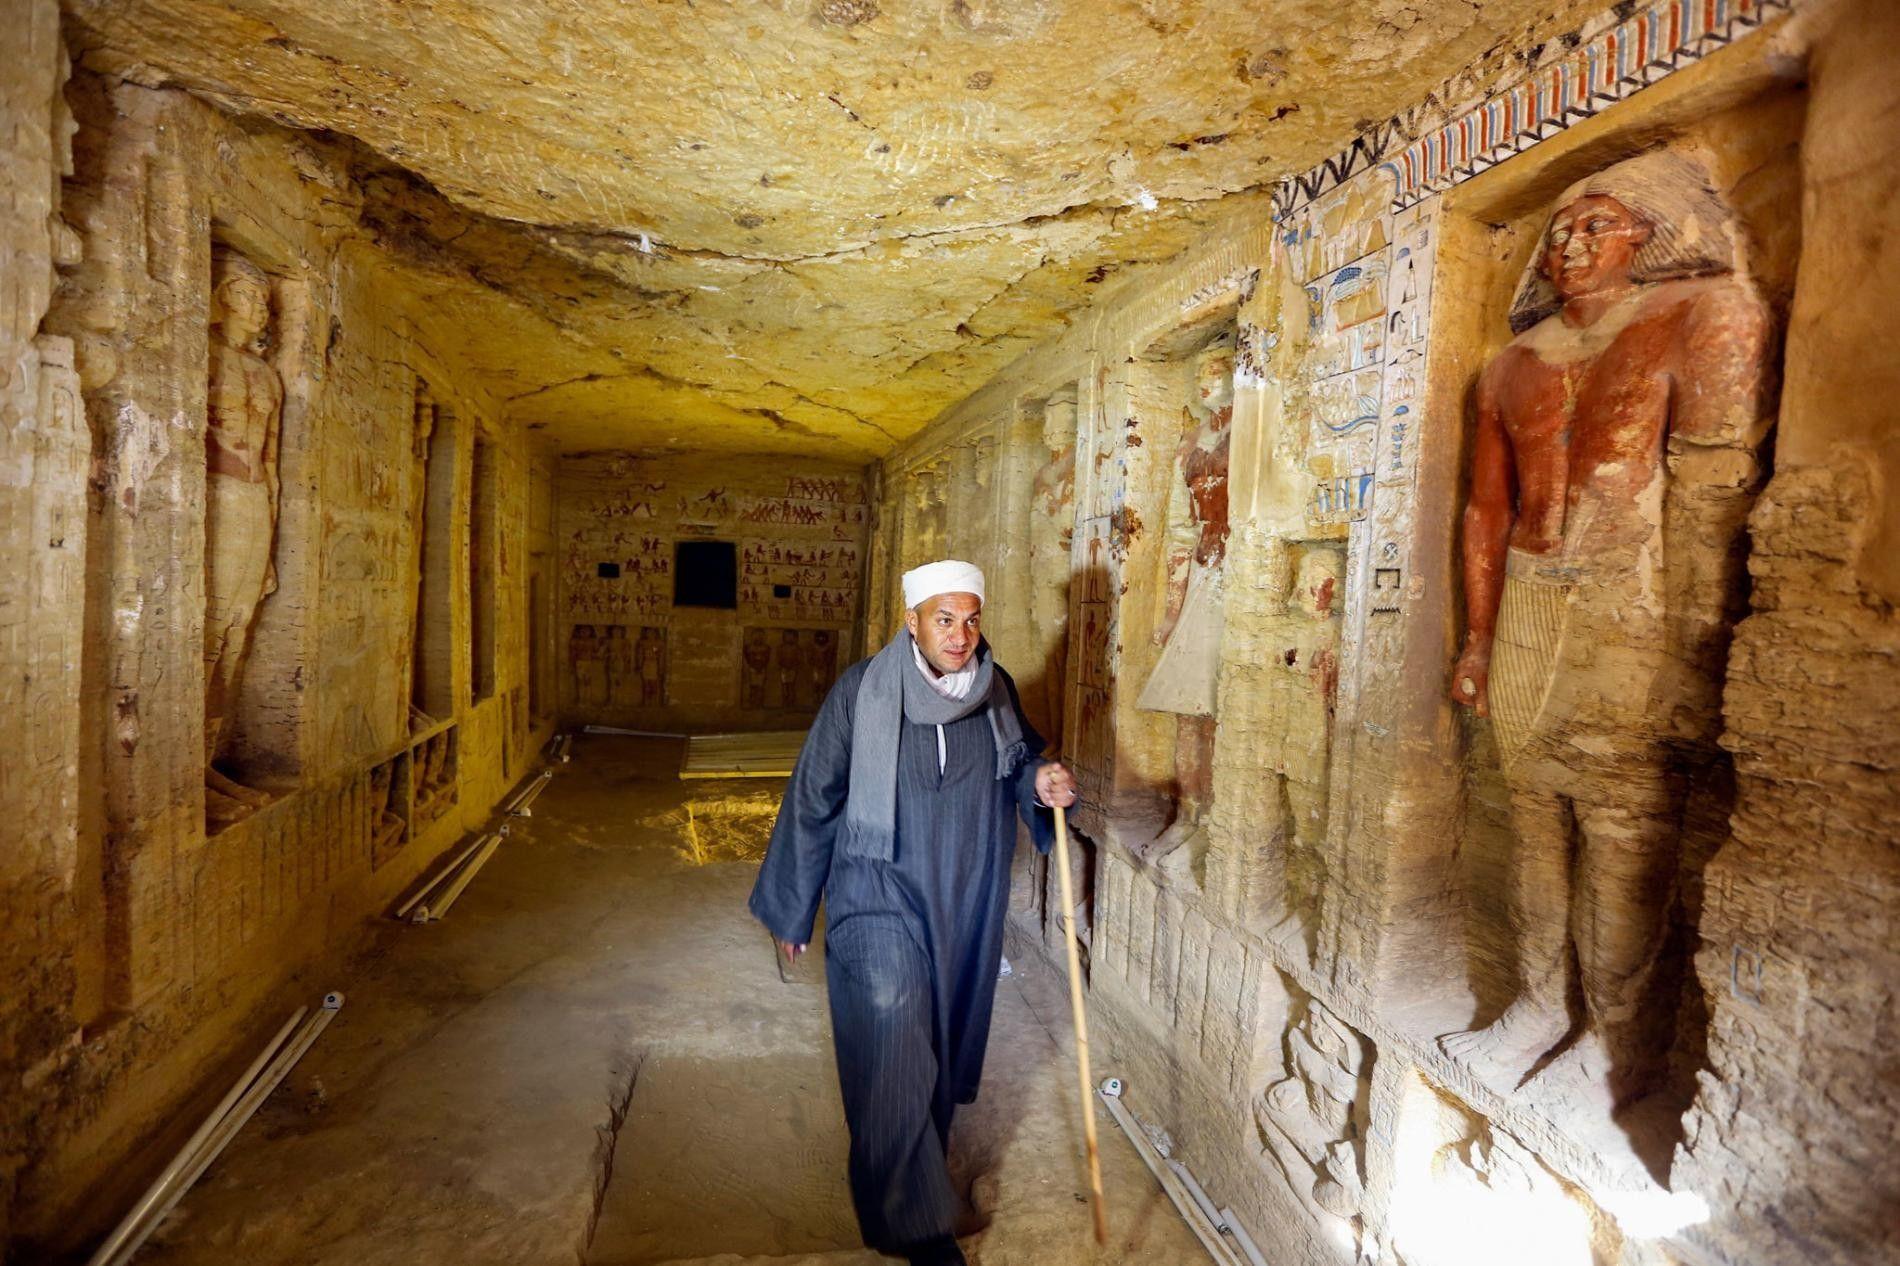 Une équipe d'archéologues égyptiens, dont Mustafa Abdo, responsable du personnel, a découvert le tombeau d'un prêtre richement décoré.